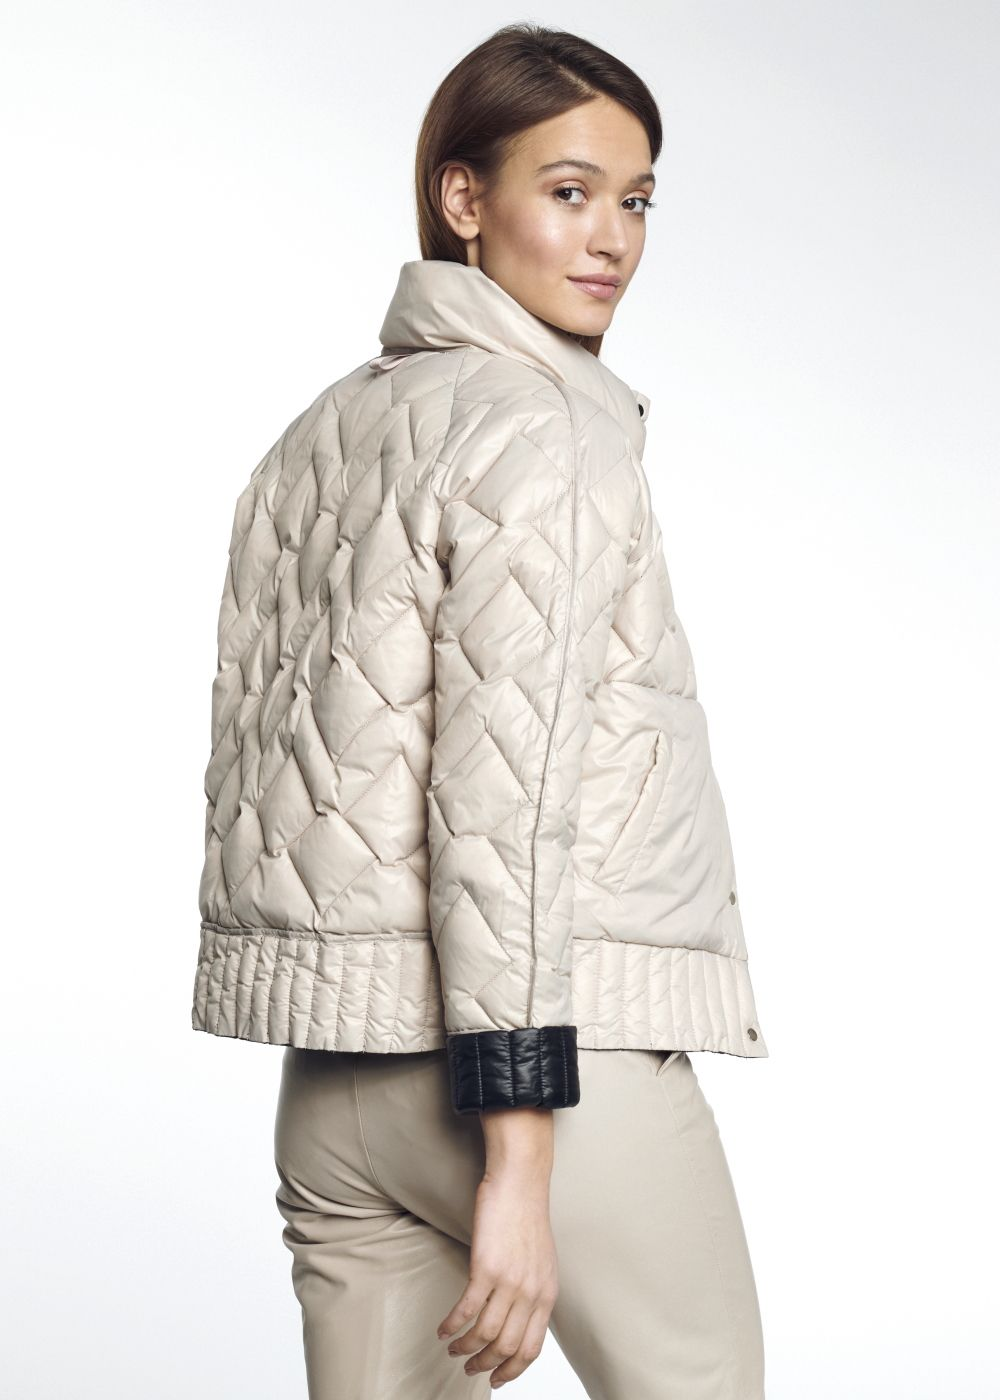 Pikowana kurtka damska ze stójką KURDT-0281-98(W21)